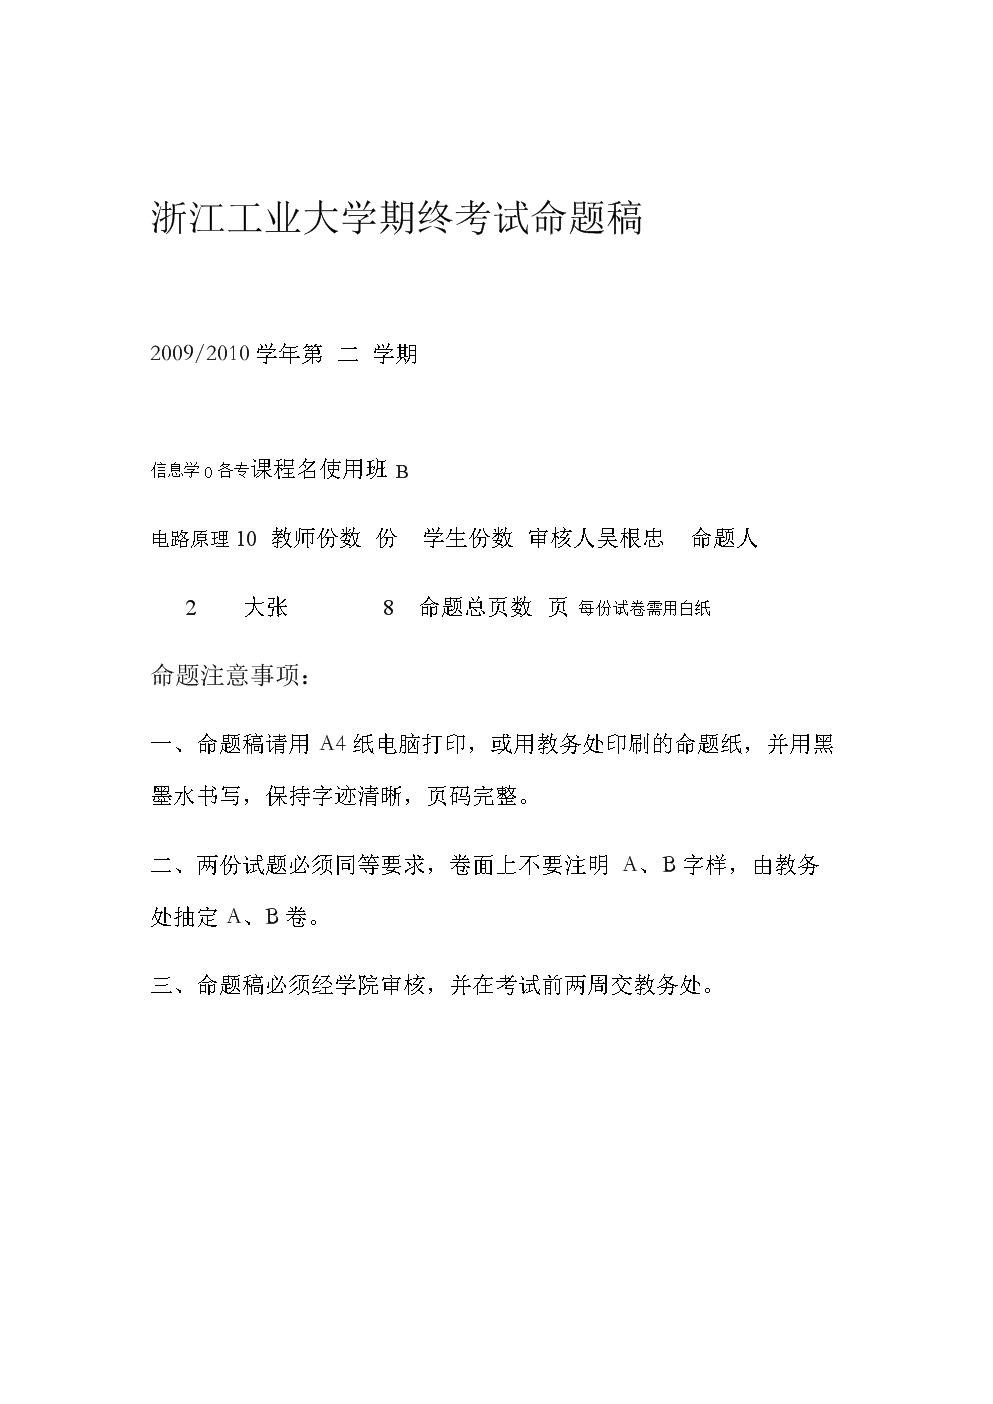 09 102電路原理B期終試卷A卷及答案.doc